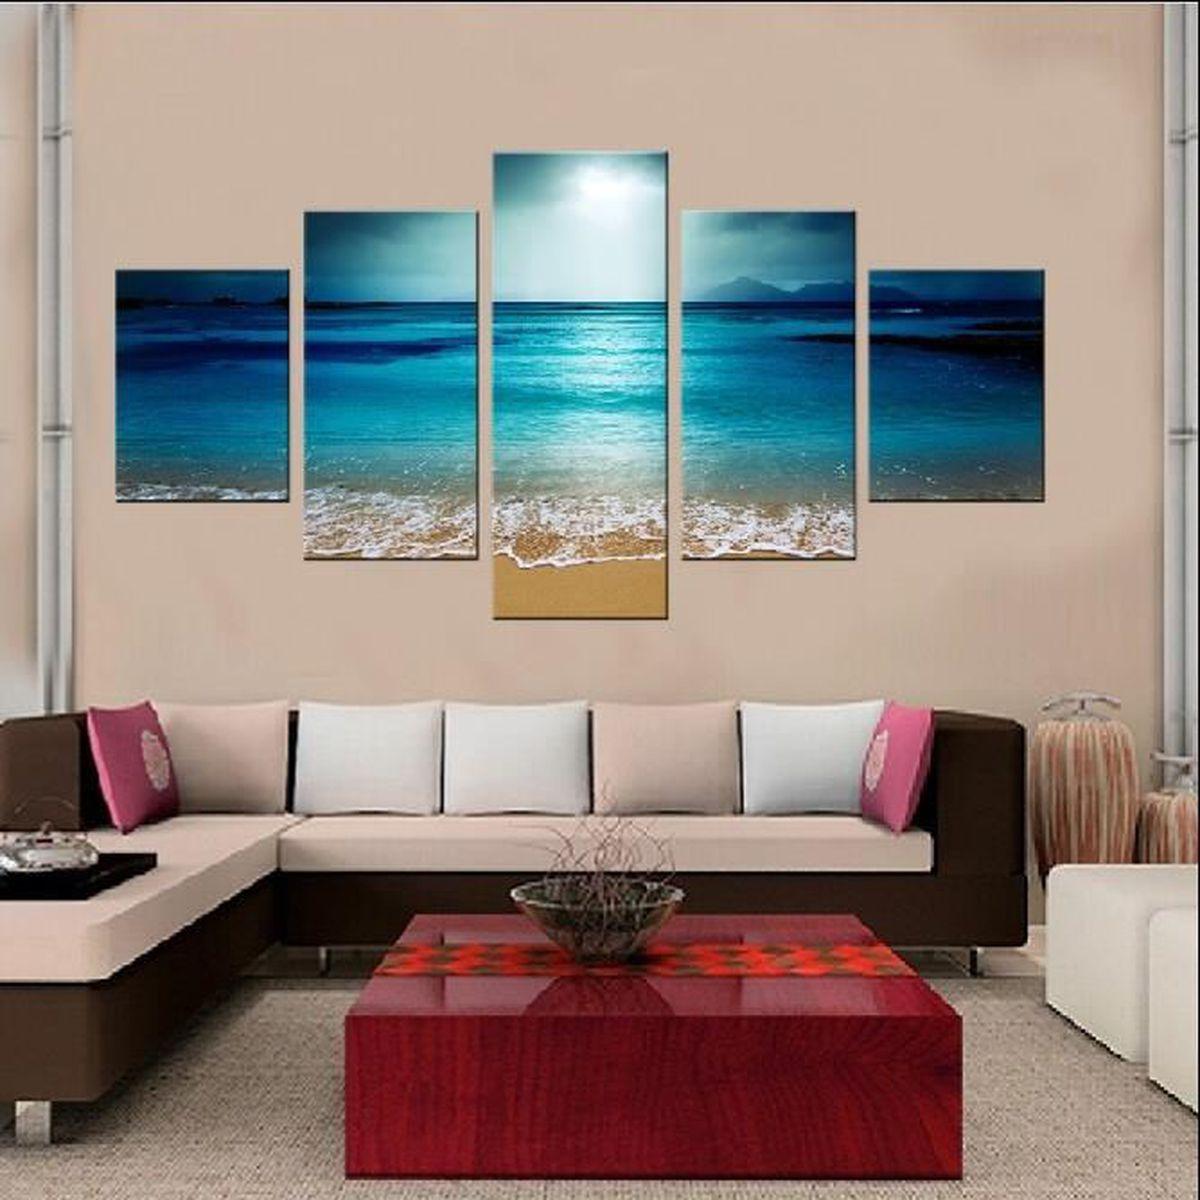 5 Pieces Vente Chaude Peinture Moderne Blue Sea Wall Art Image Decoration Peinture Bon Marche A Vendre Belle Peinture De Paysage Achat Vente Toile 5 Pieces Vente Chaude Cdiscount